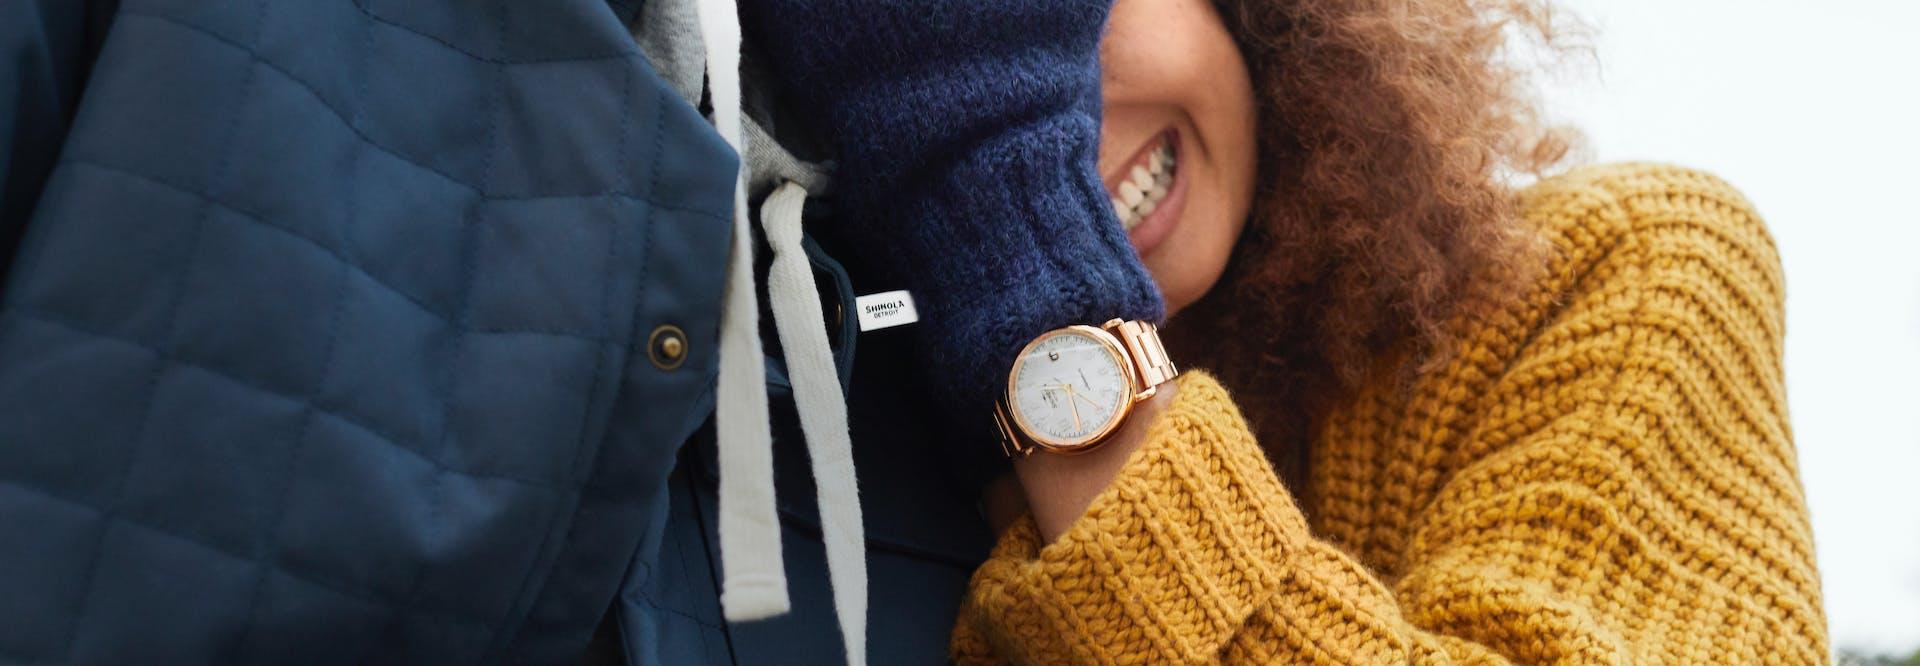 Woman smiling, wearing a Shinola watch